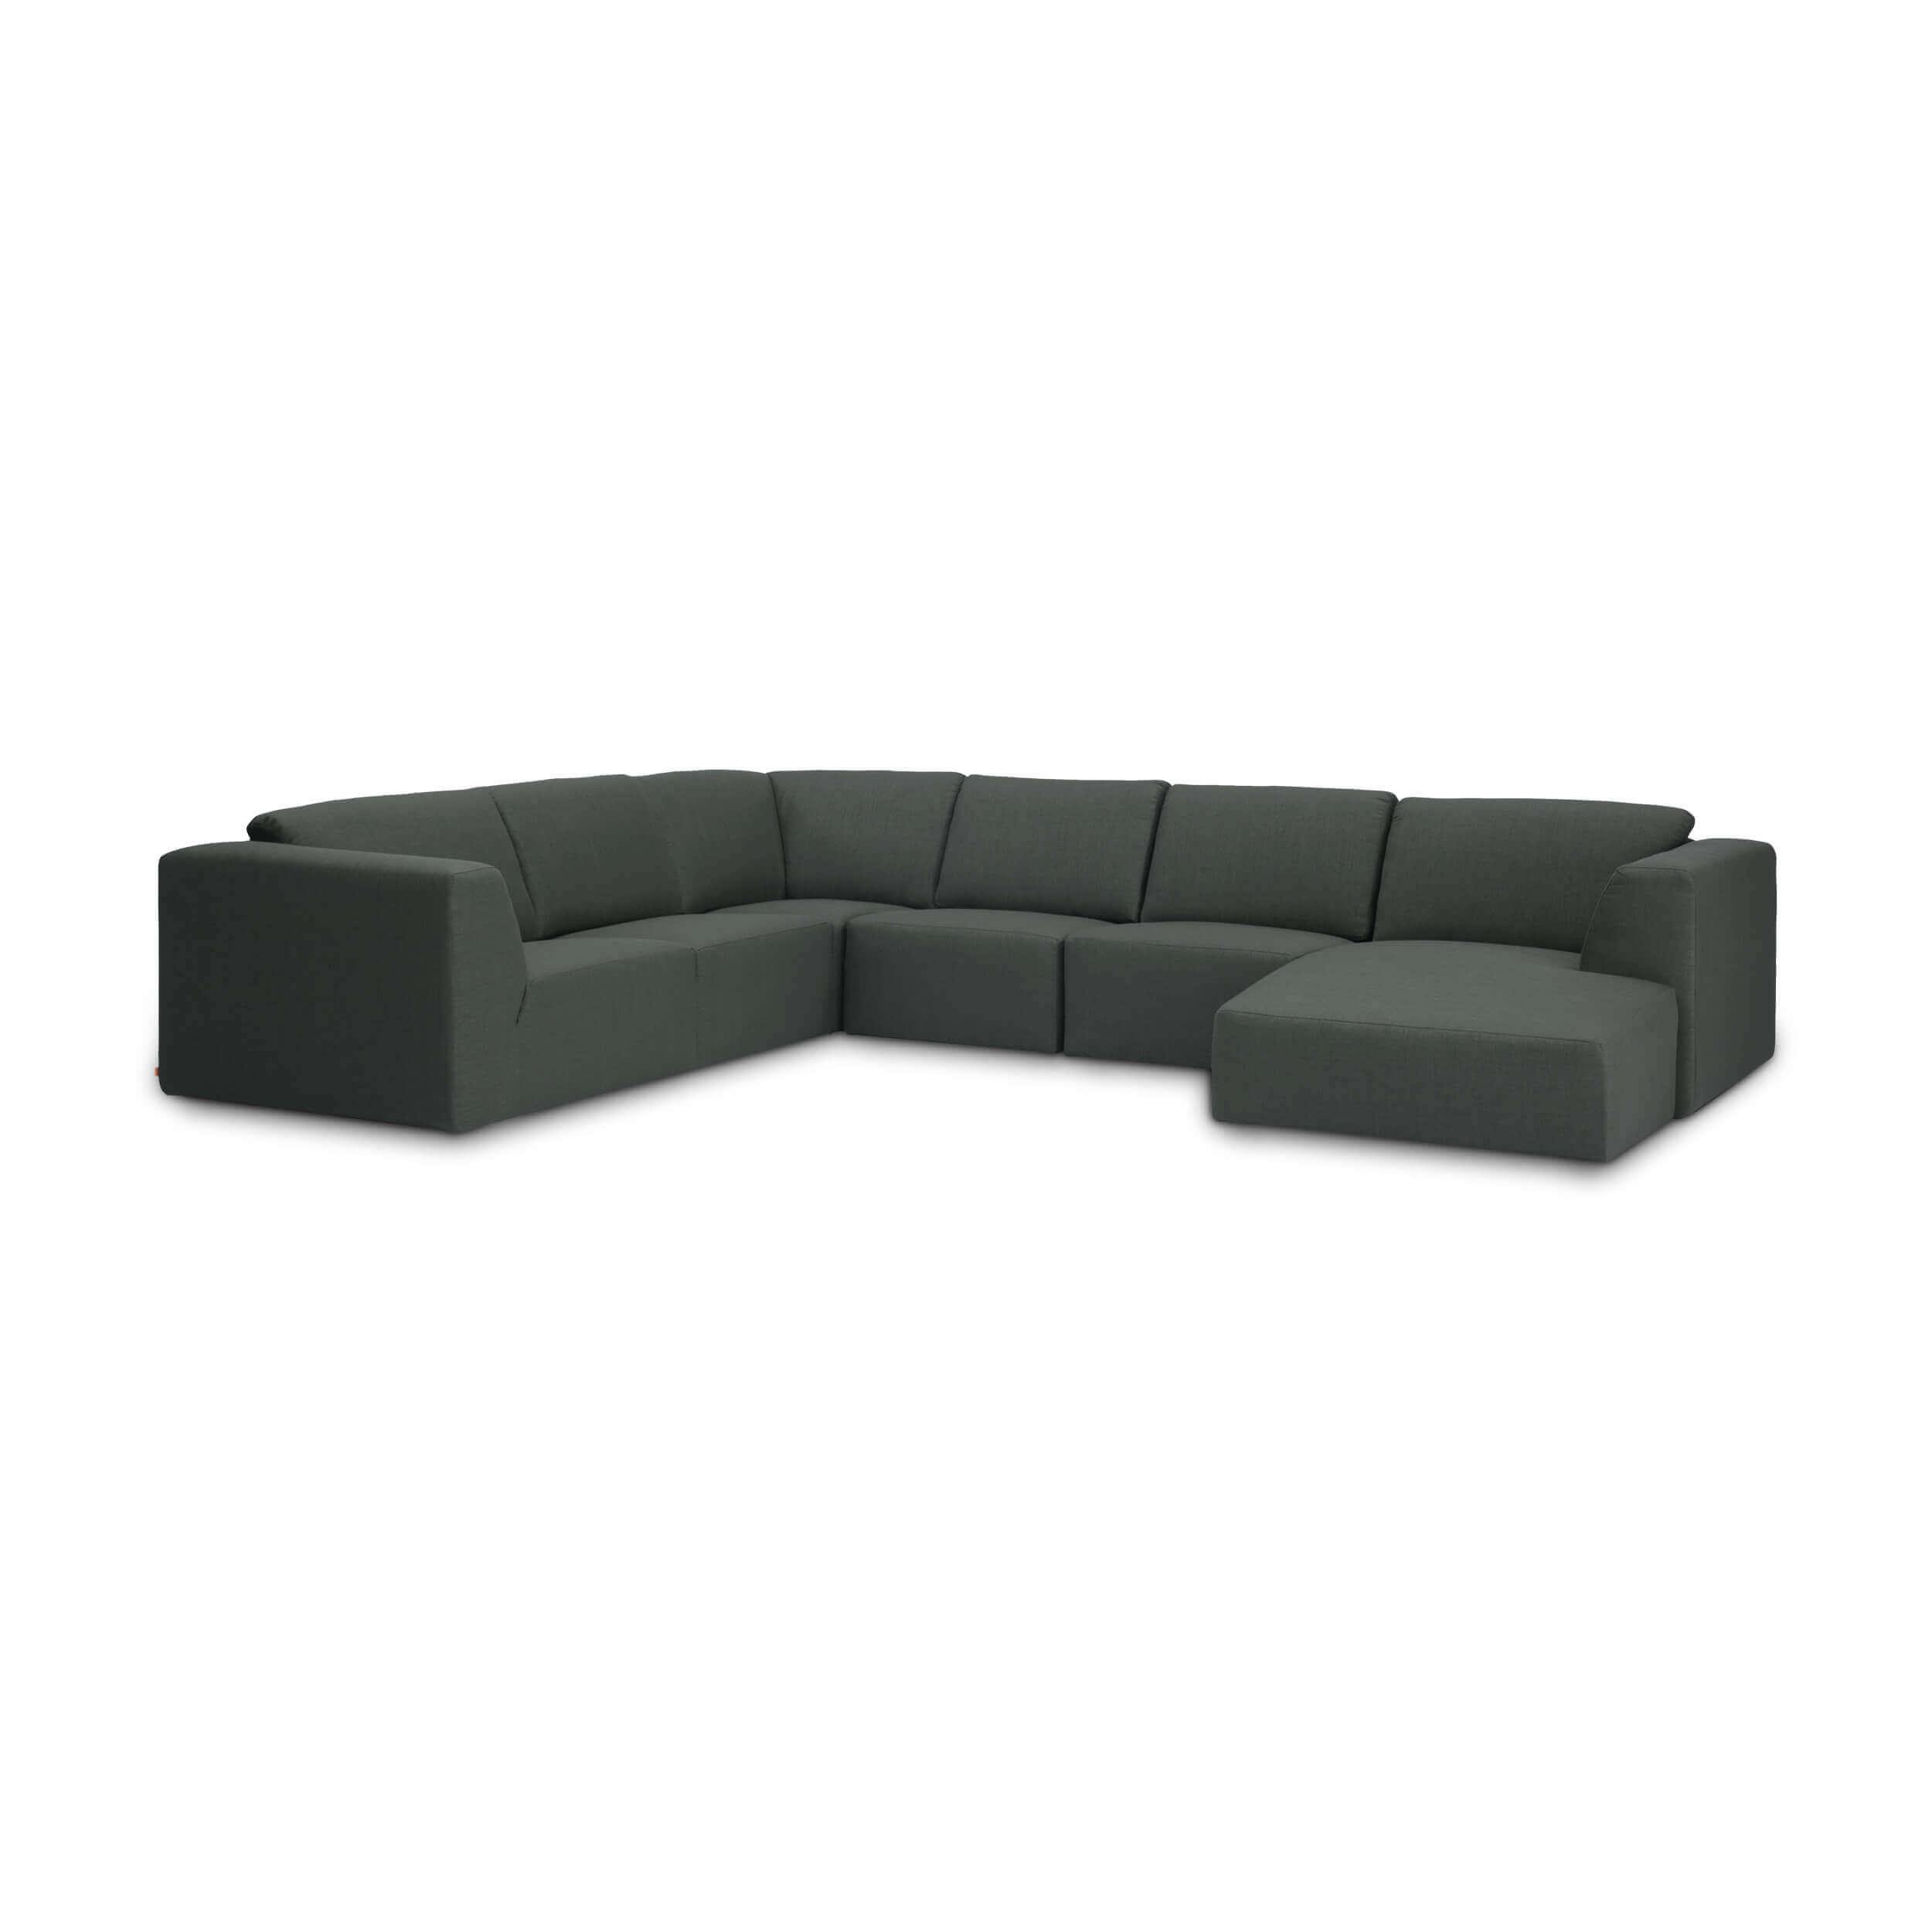 Groovy Morten Morten 6 Piece Sectional Sofa With Chaise Fabric Inzonedesignstudio Interior Chair Design Inzonedesignstudiocom